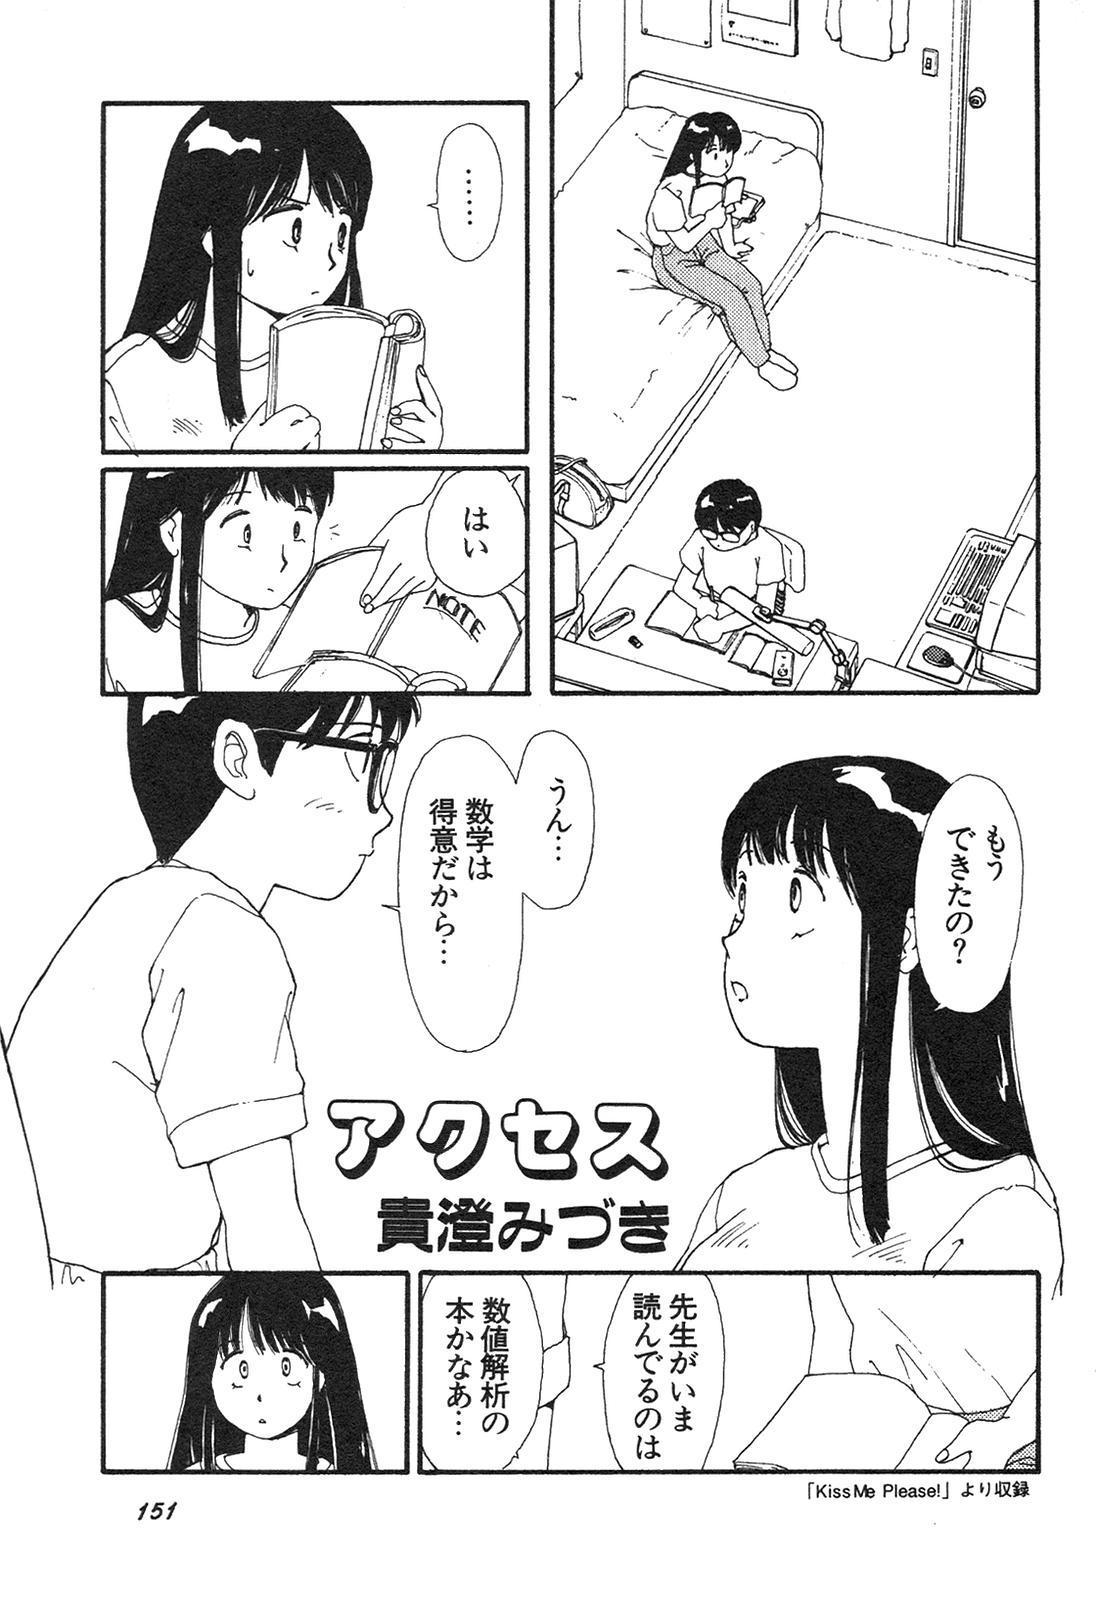 Shin Bishoujo Shoukougun 3 Yamato hen 151